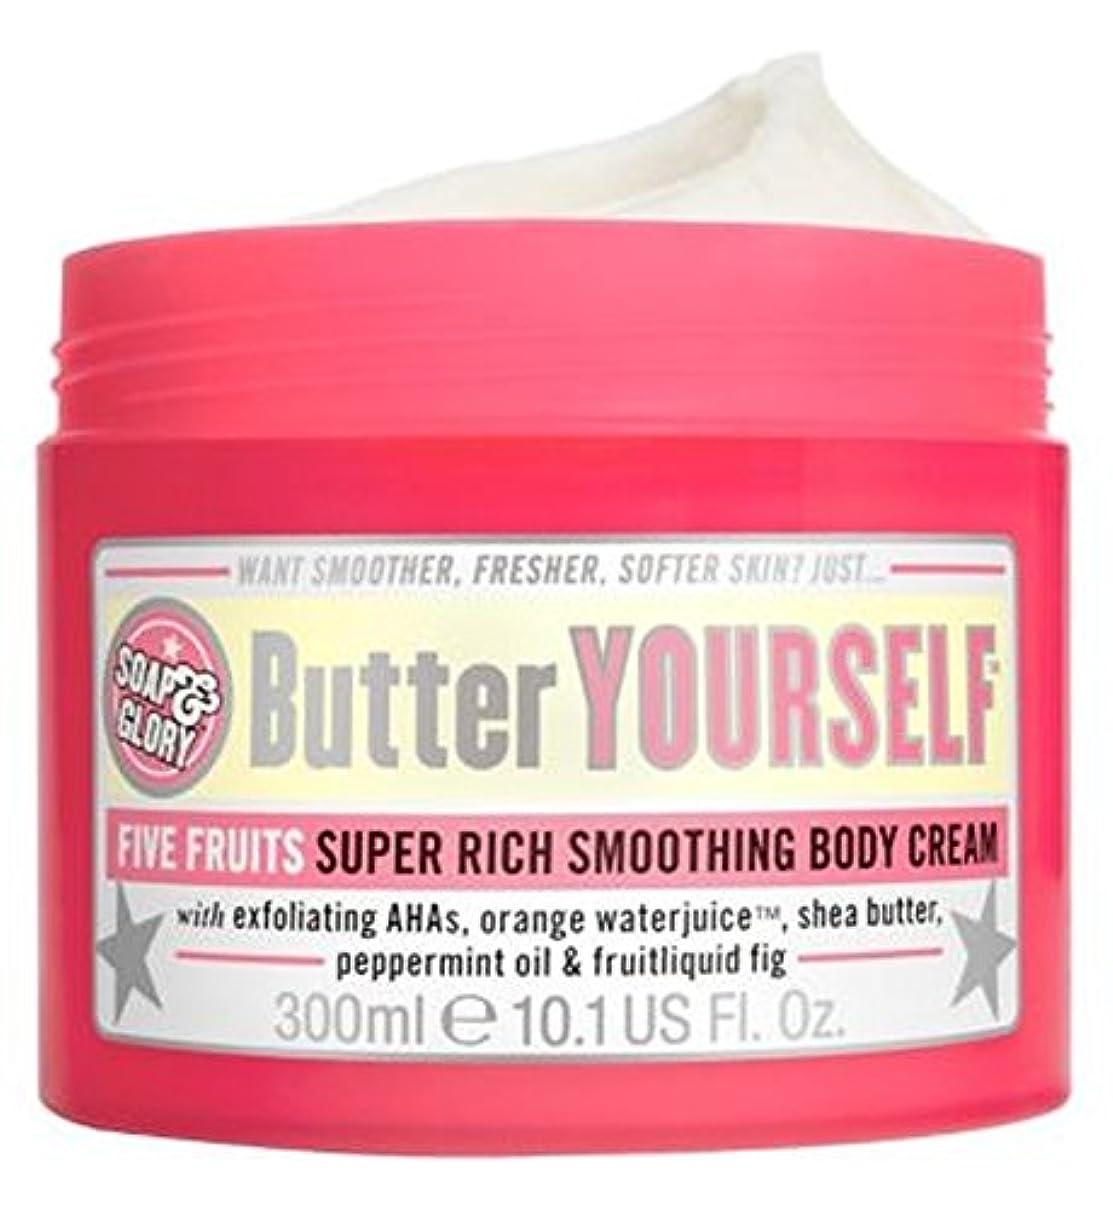 収穫アイドル翻訳するSoap & Glory? Butter Yourself? Body Cream 300ml - ボディクリーム300ミリリットル?石鹸&栄光?バター自分 (Soap & Glory) [並行輸入品]